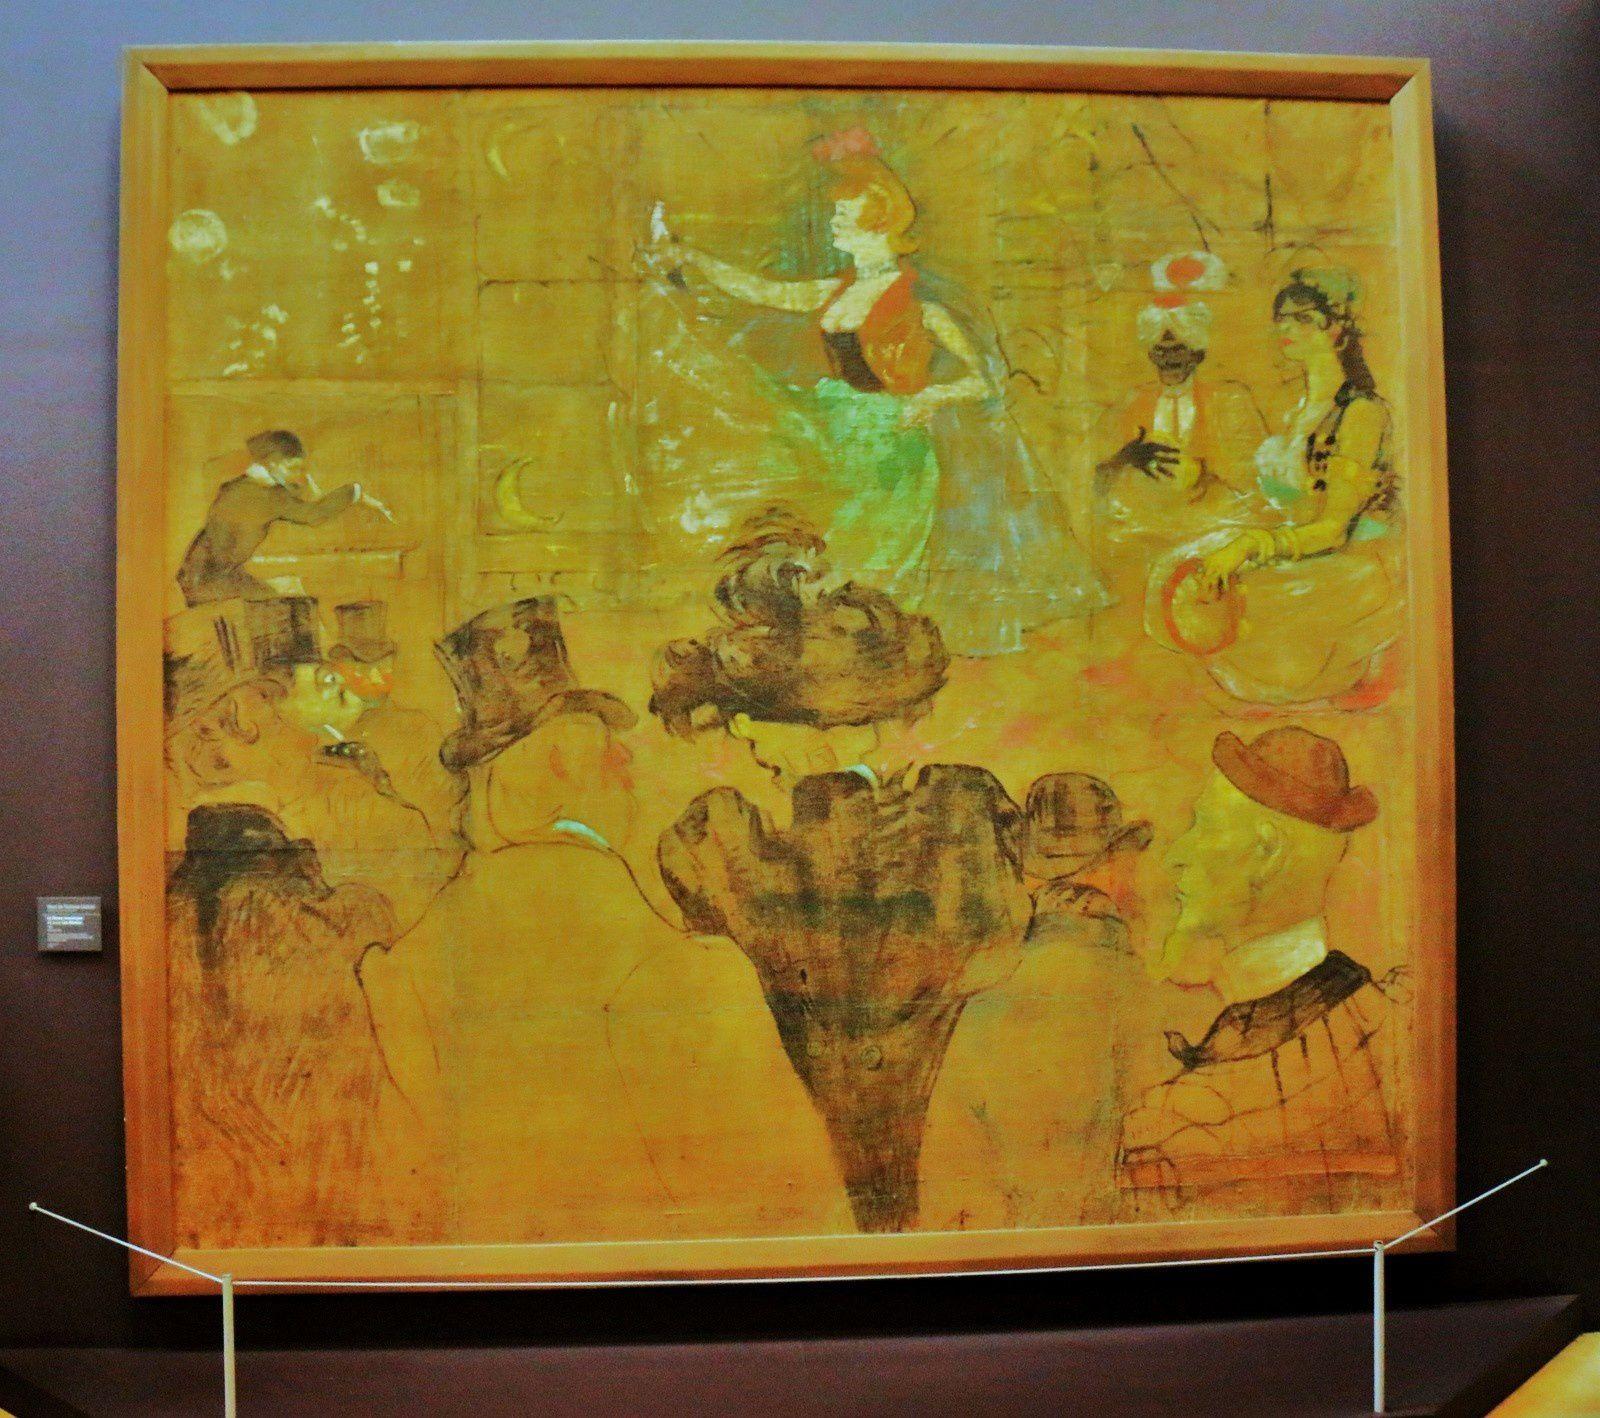 La Danse mauresque (Les Almées), huile sur toile de Henri de Toulouse-Lautrec